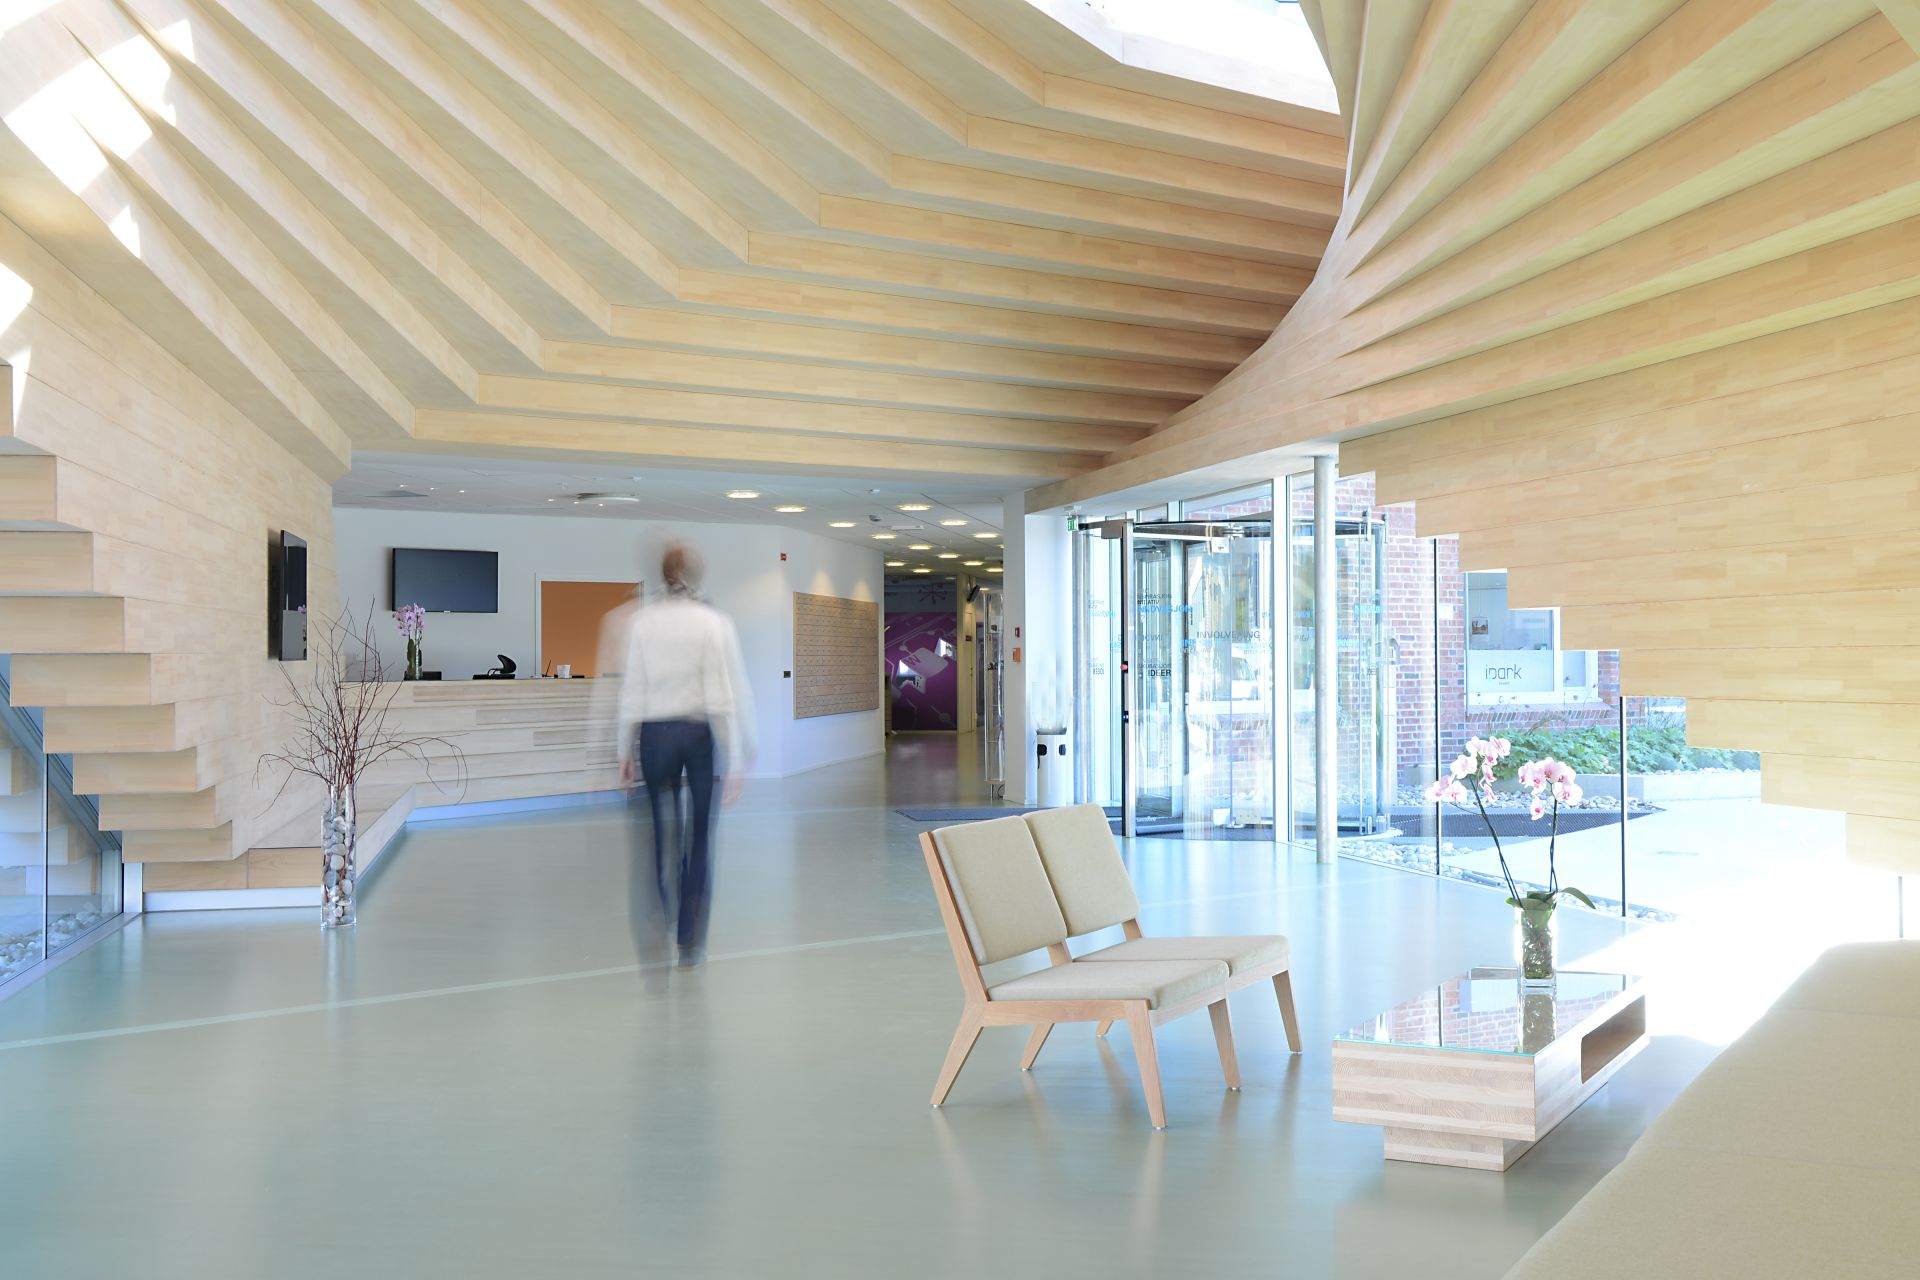 Ipark innovasjonspark Stavanger, Stavanger